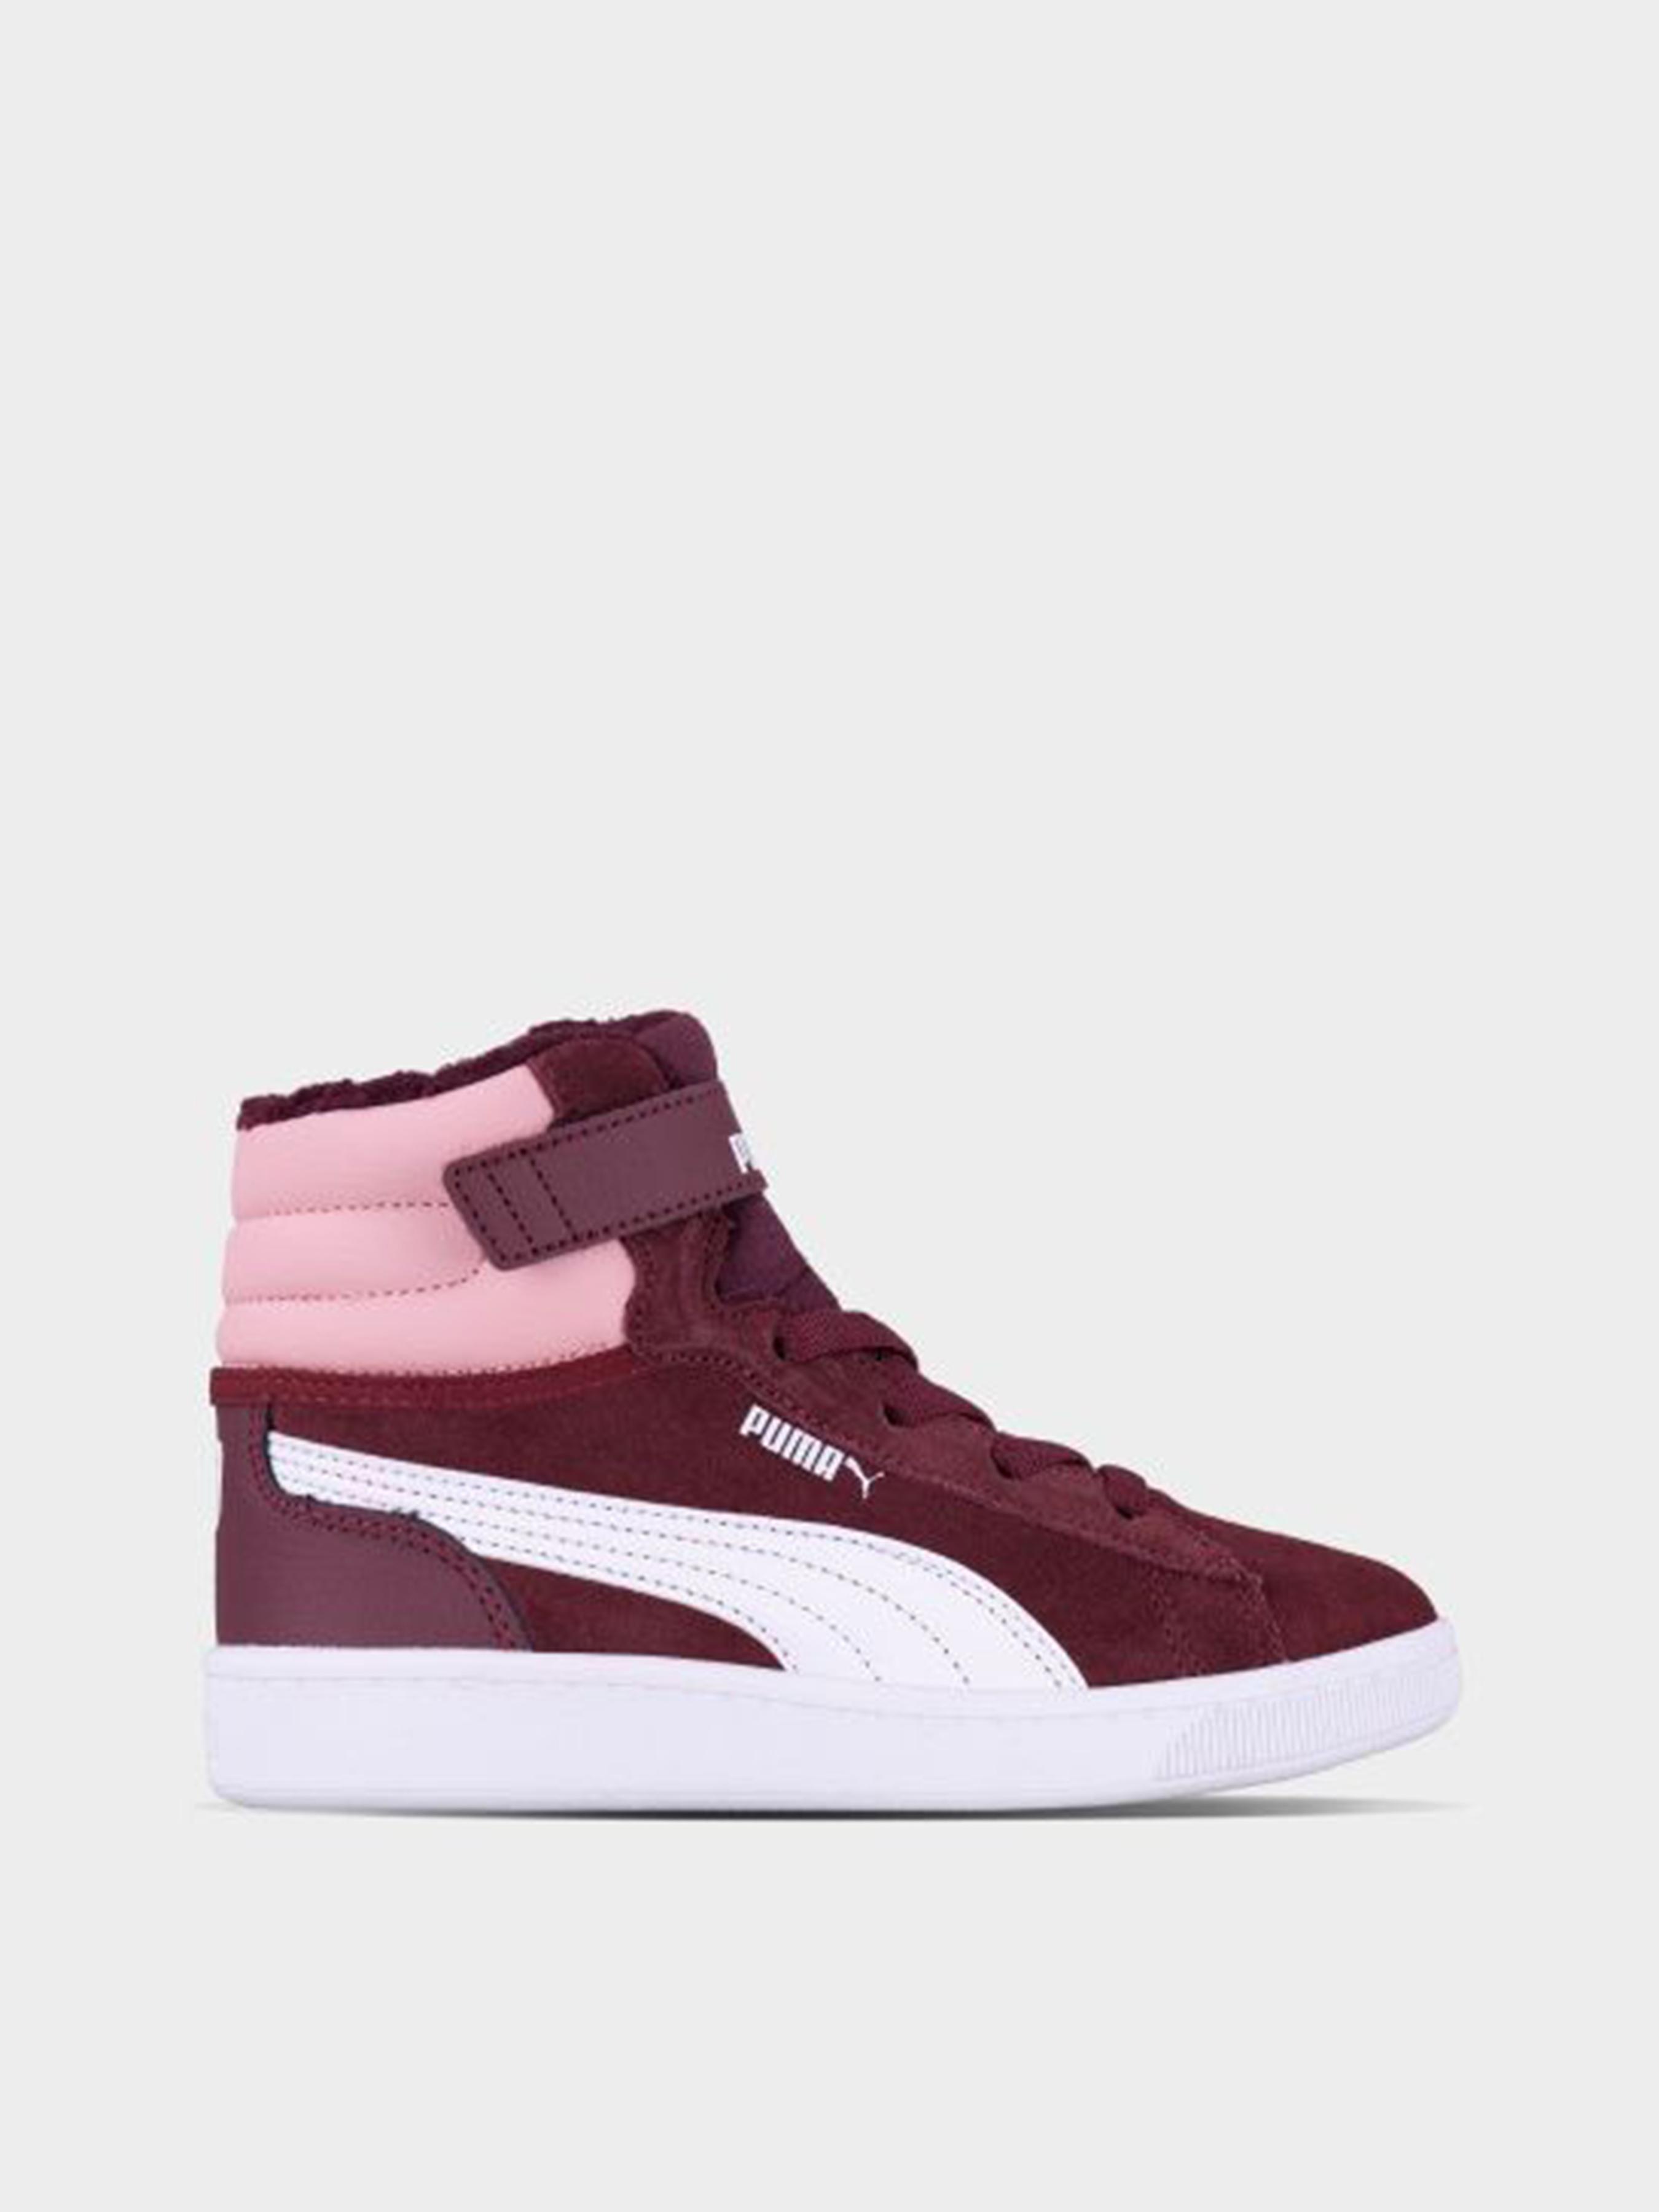 Ботинки для детей PUMA Puma Vikky v2 Mid Fur V PS CK57 брендовая обувь, 2017